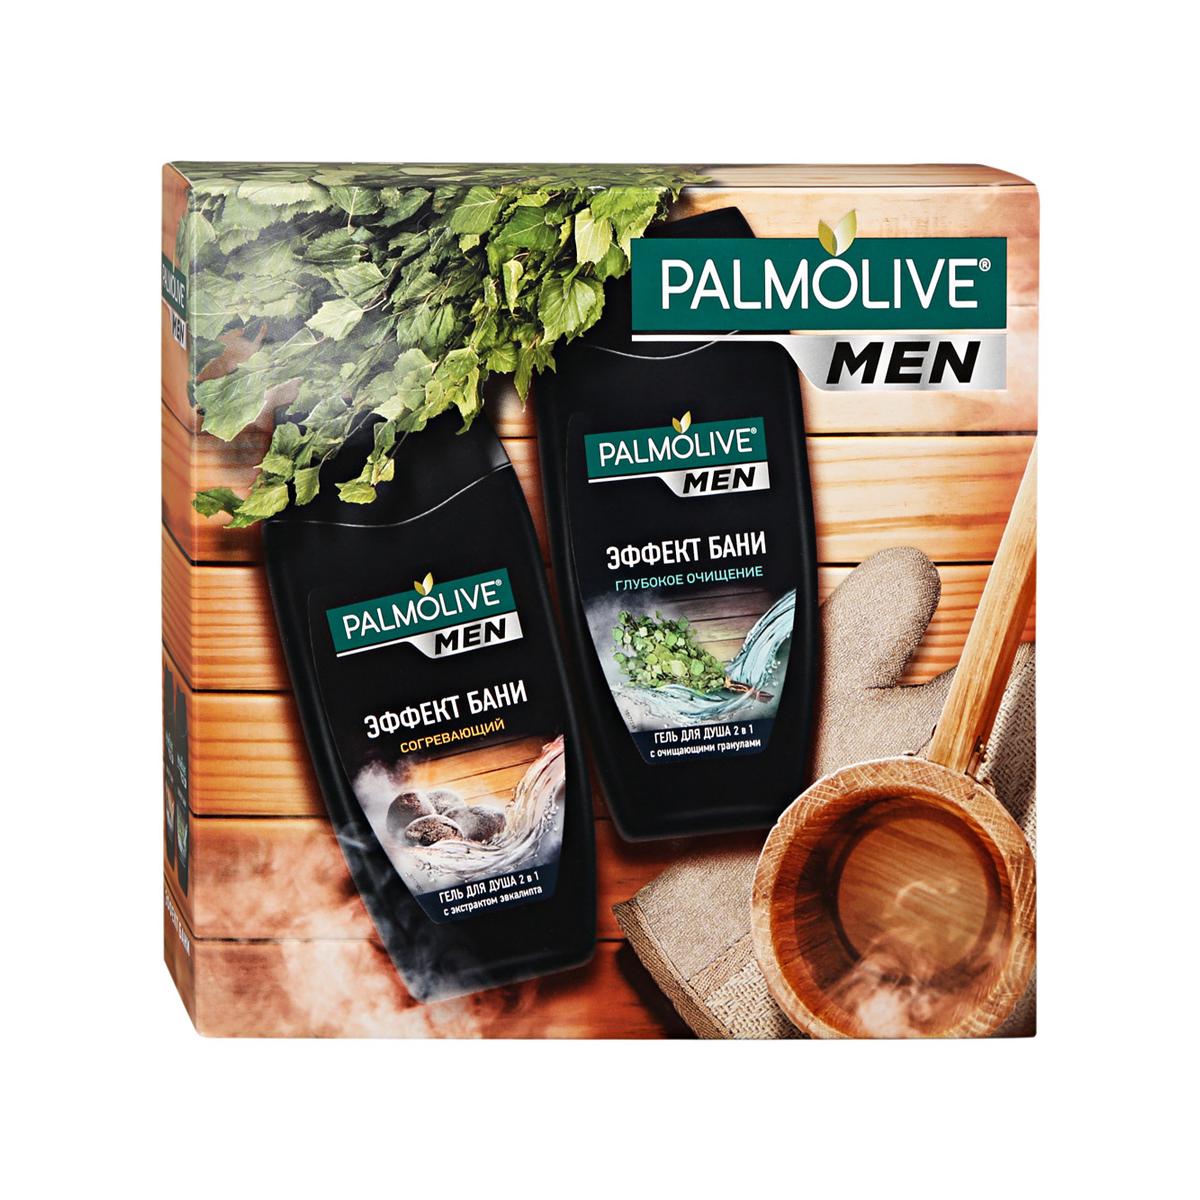 Набор подарочный Palmolive Men Эффект бани 2 предмета недорого